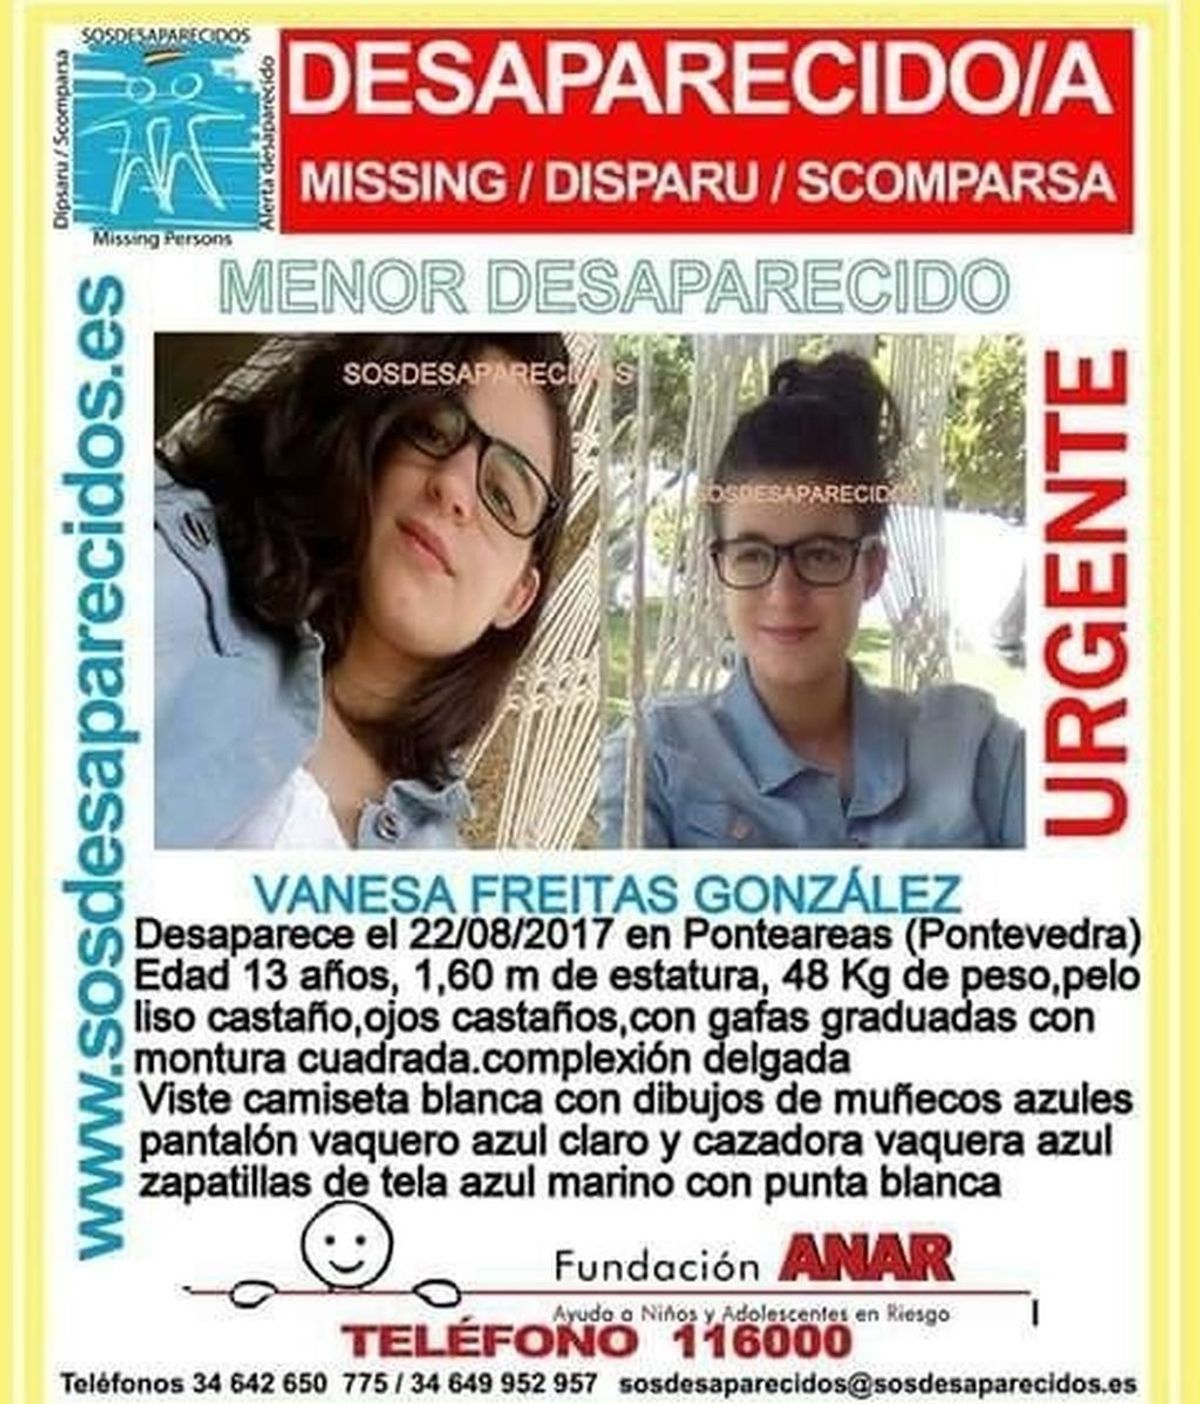 Buscan a una niña de 13 años desaparecida en Ponteareas (Pontevedra)